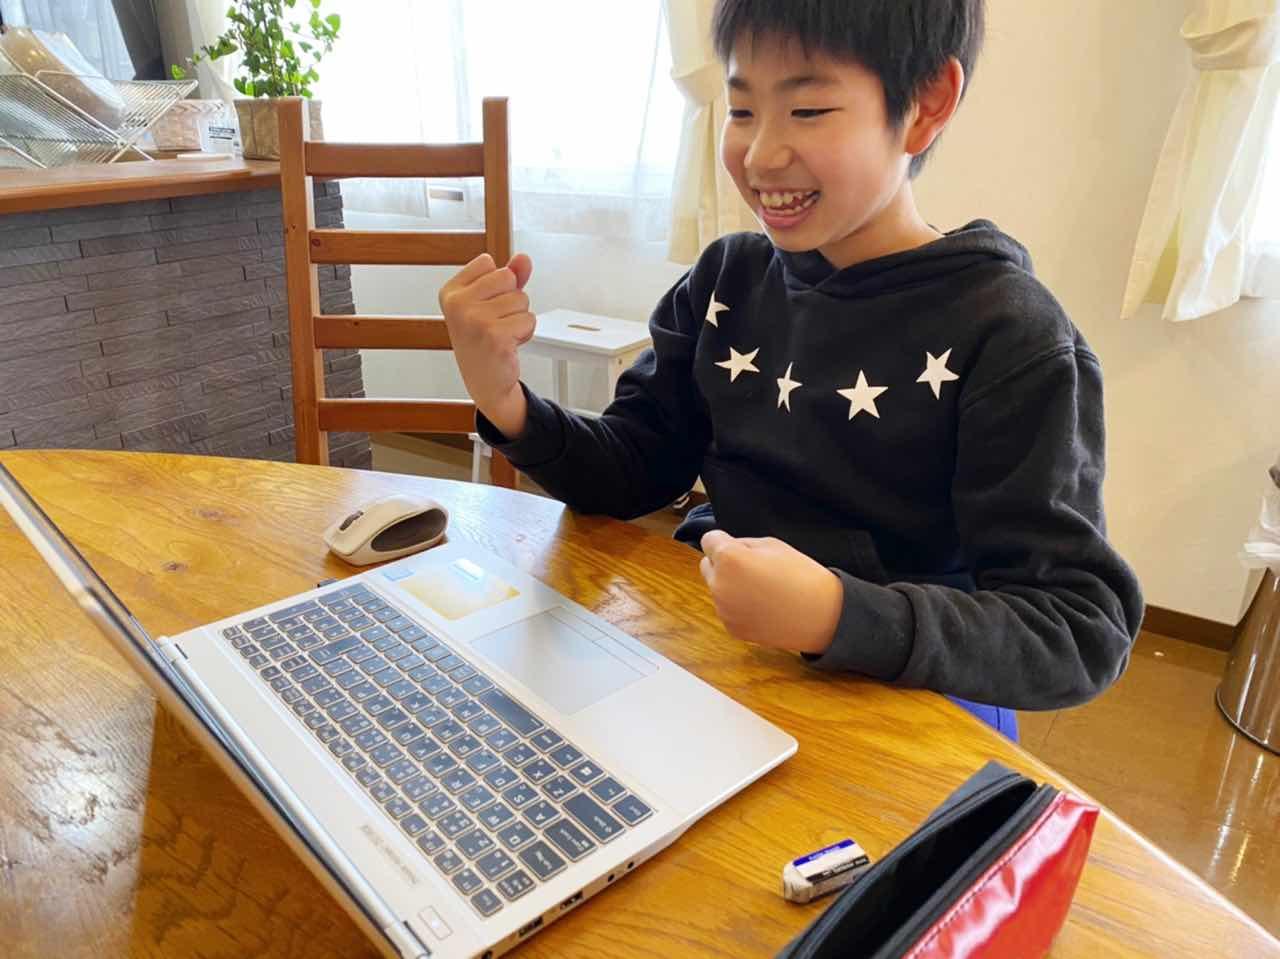 オンライン授業はWi-Fiがベスト